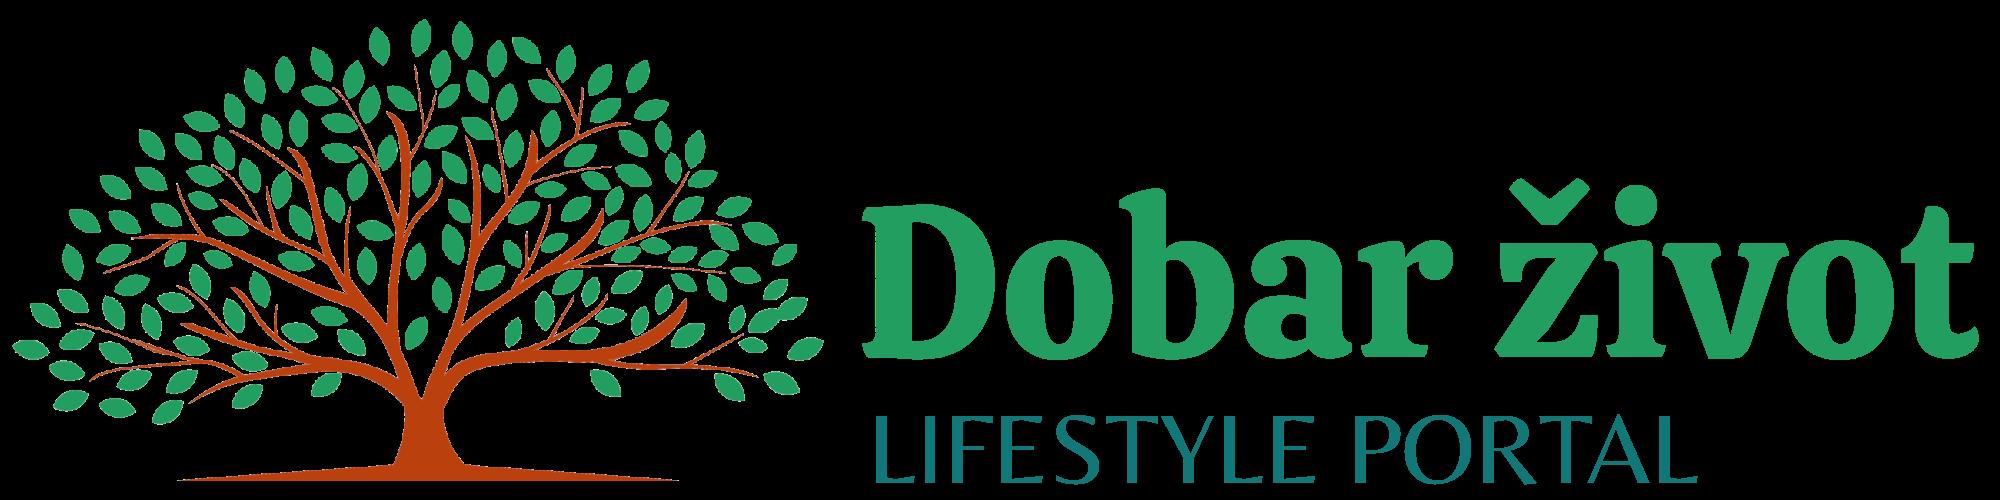 Dobarzivot.net - Lifestyle portal & webshop